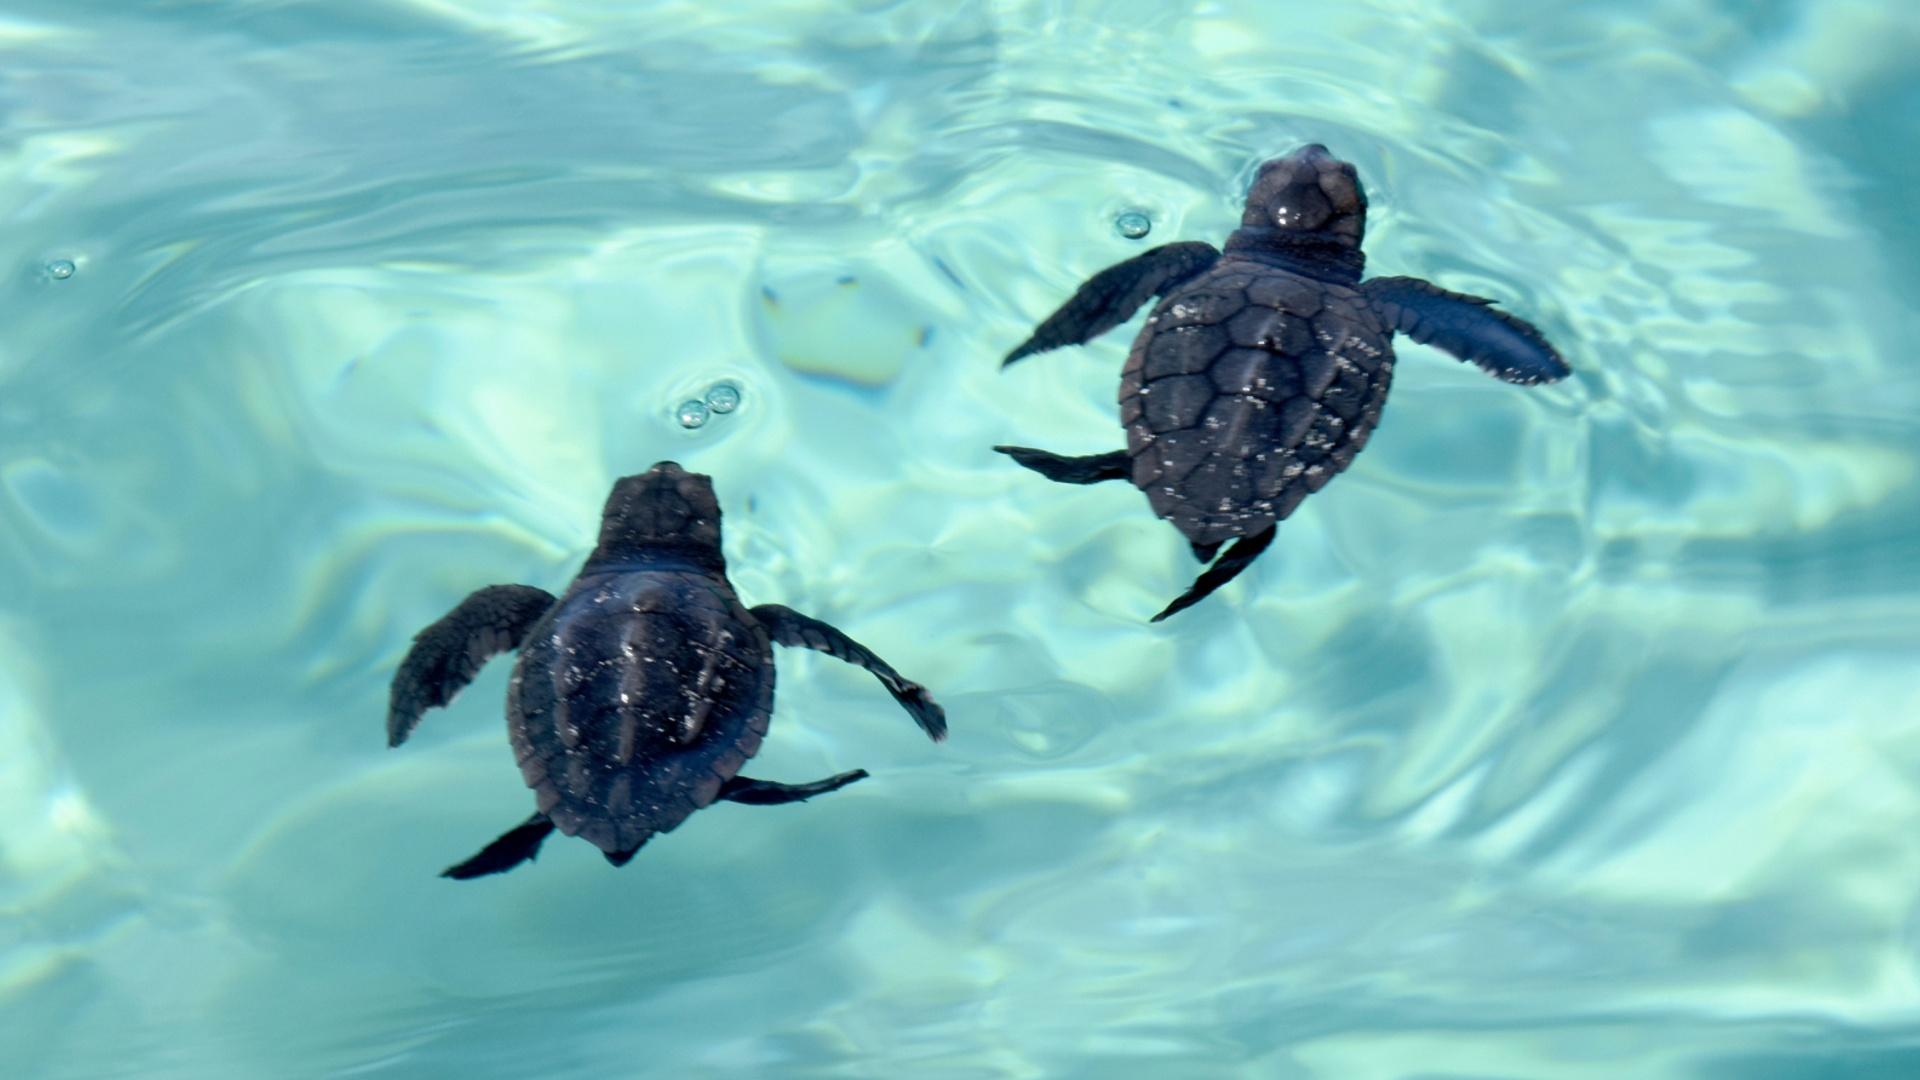 Черепахи-мигранты: логгерхеды впервые вылупились недалеко от Венеции